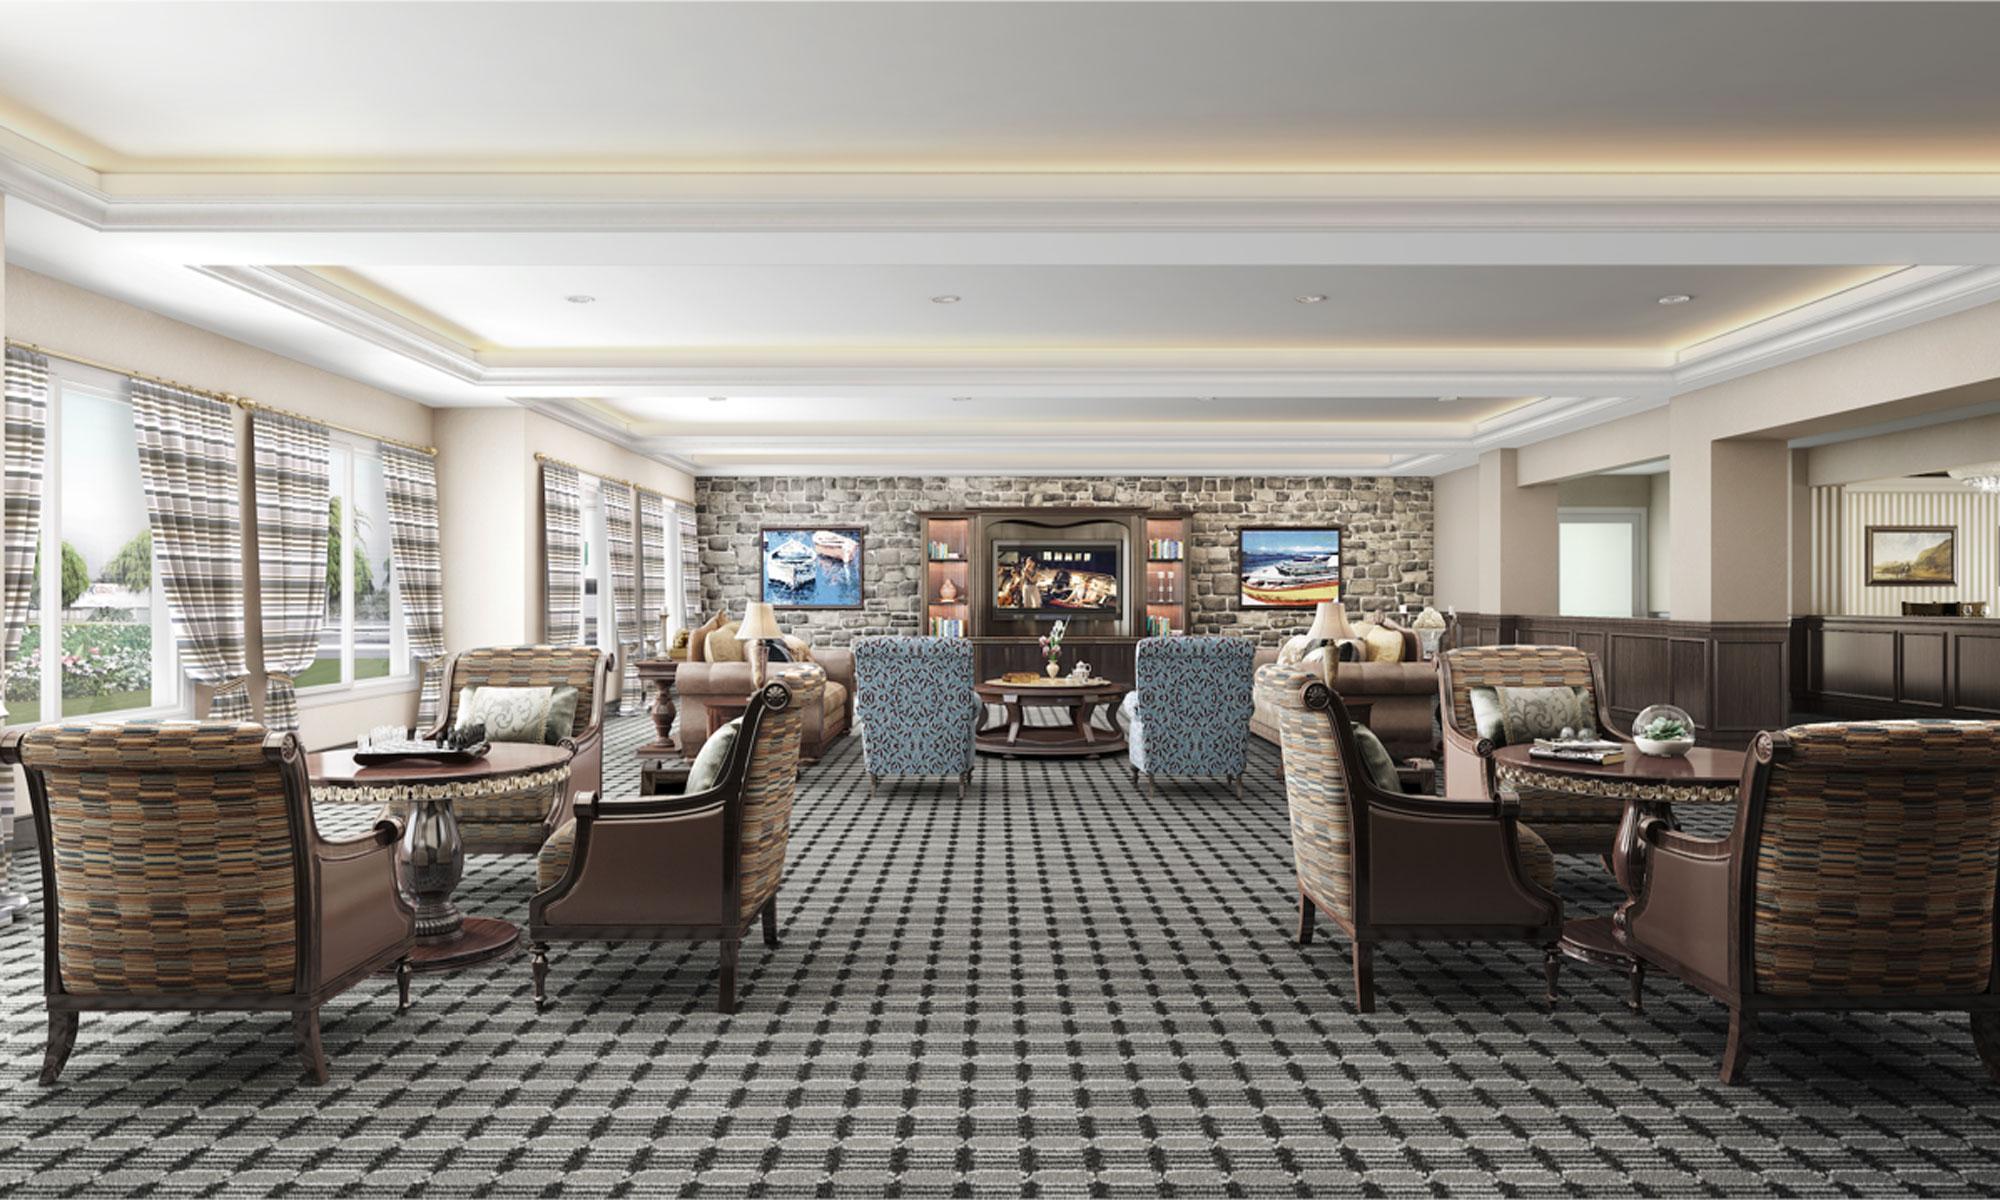 Pacifica Senior Living Oxnard interior